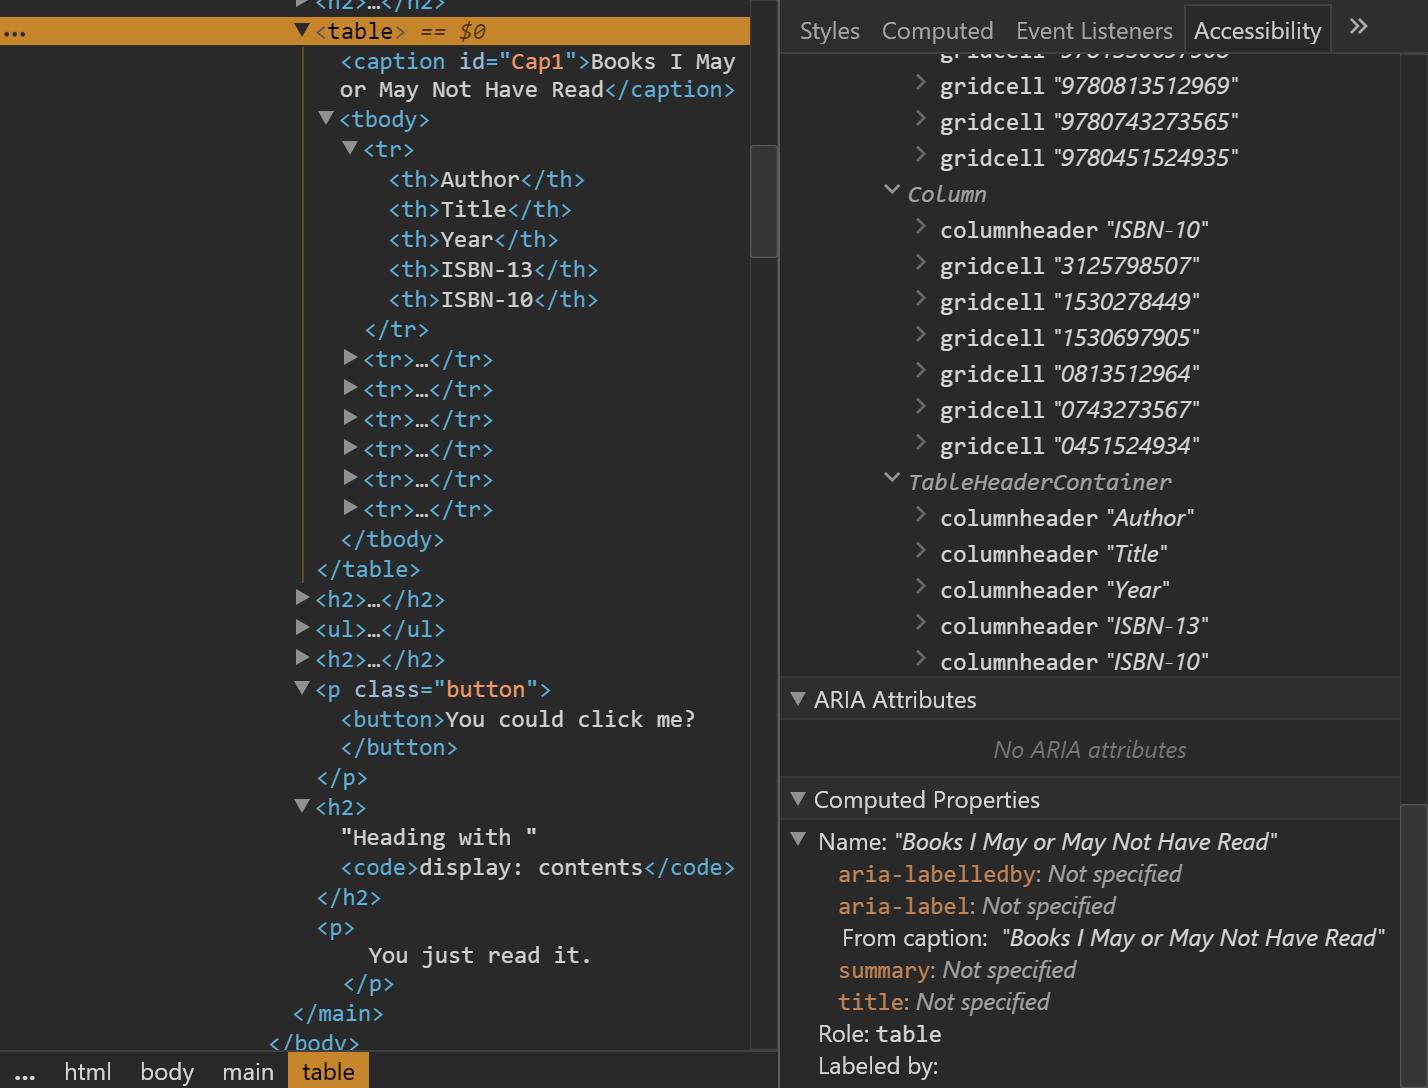 Дерево доступности в Chrome, показывающее таблицу. Дерево доступности в Chrome, показывающее таблицу с display: contents